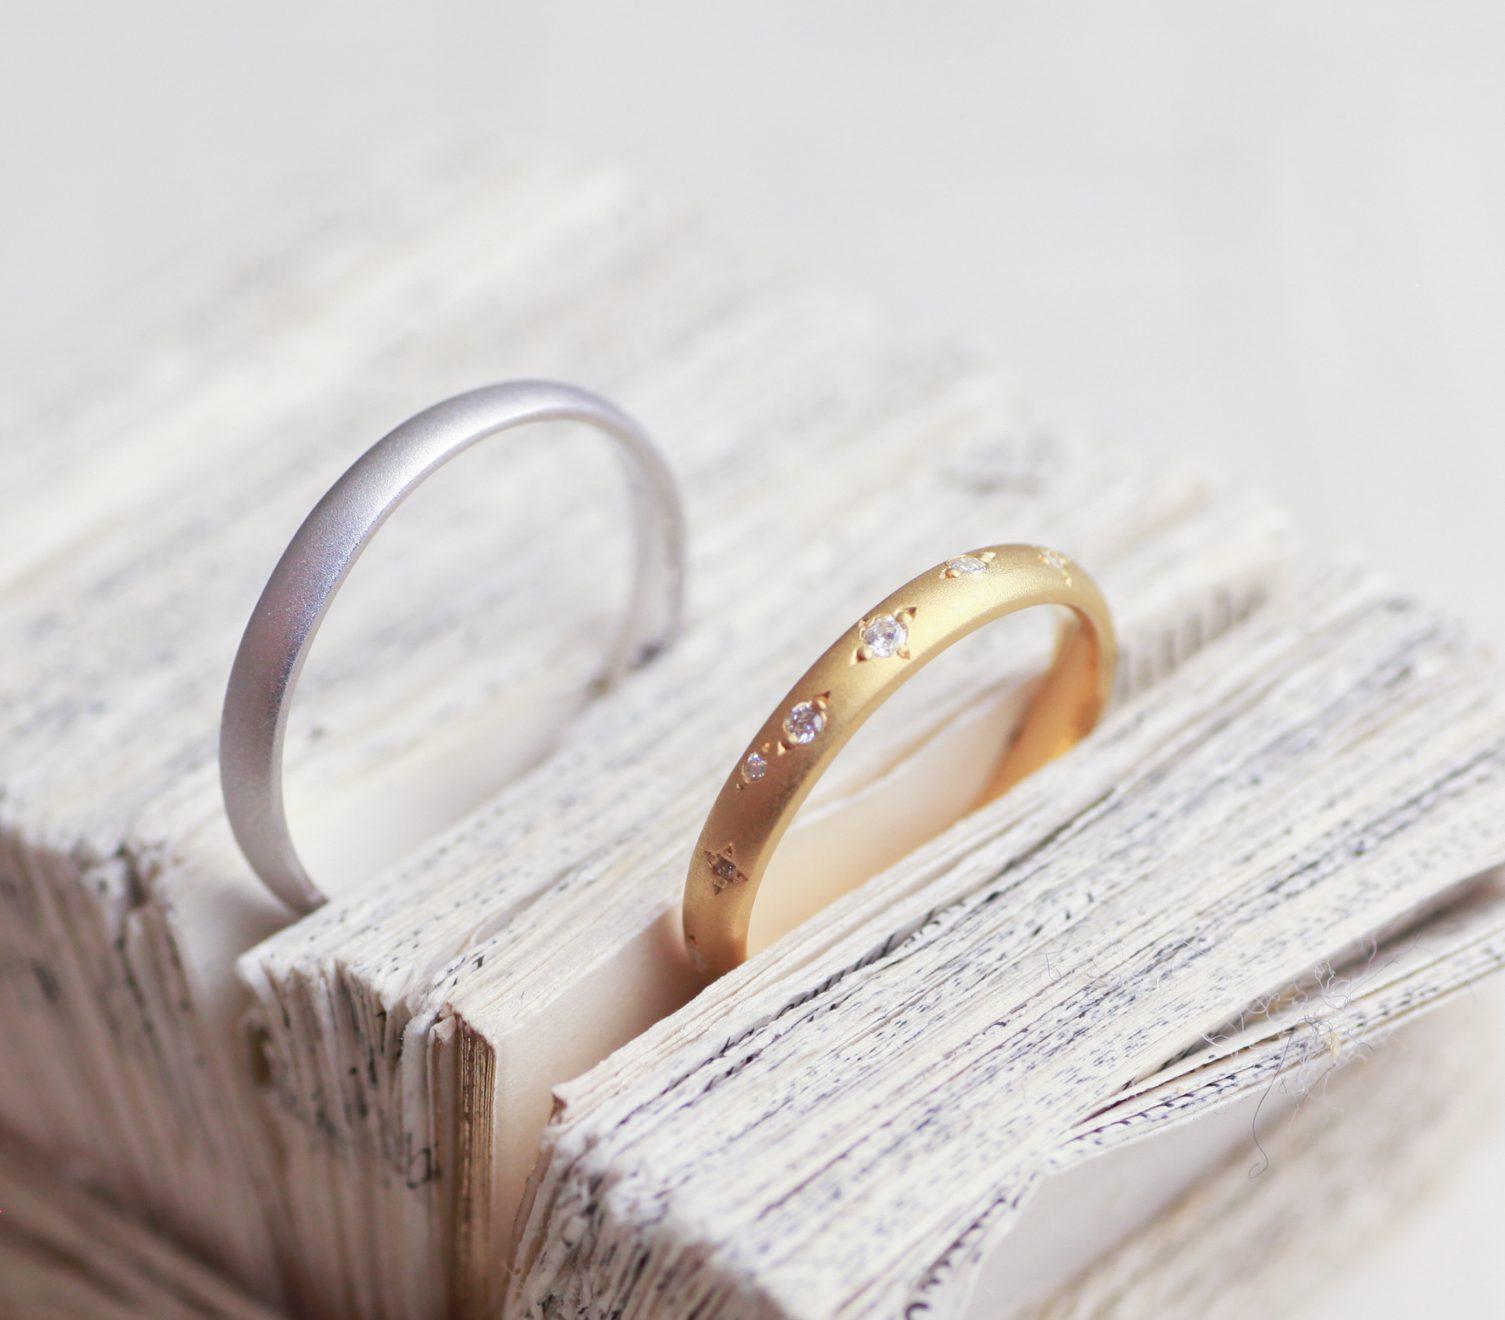 ジャンティールスタッフブログ「ずっと一緒に居たいから「君と永遠に」という名の指輪を薬指に」